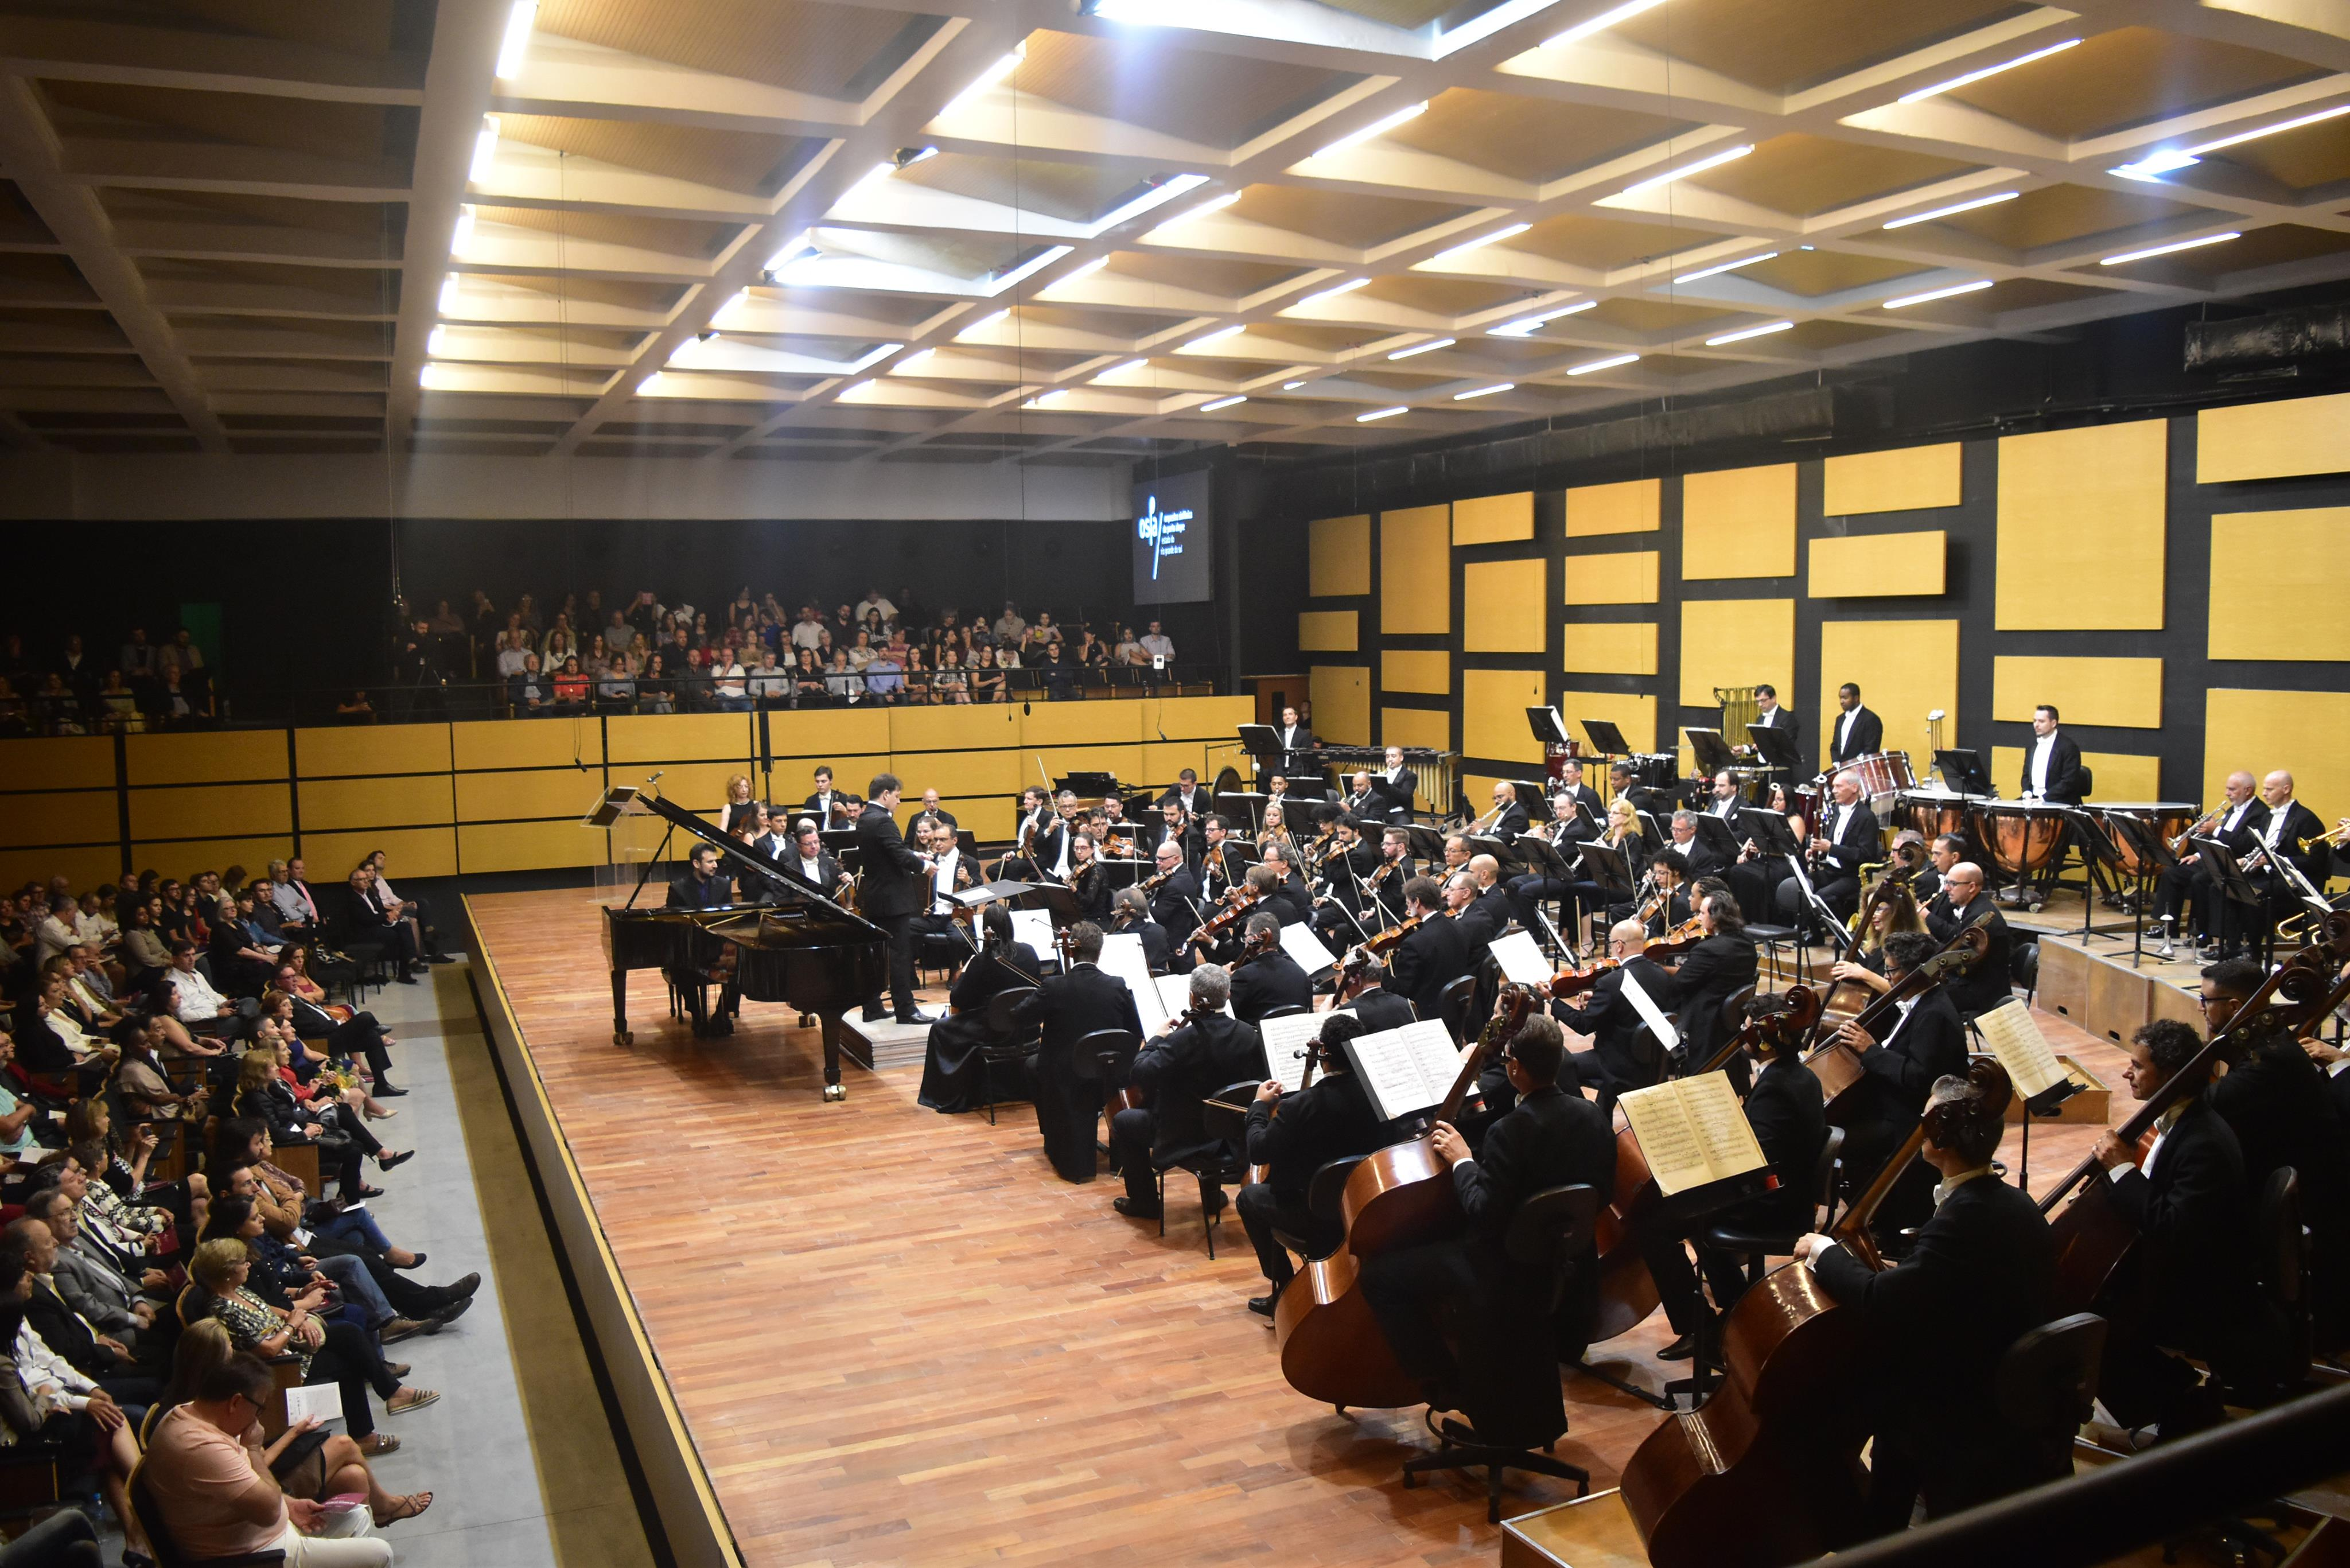 Foto: Maí Yandara / Ospa